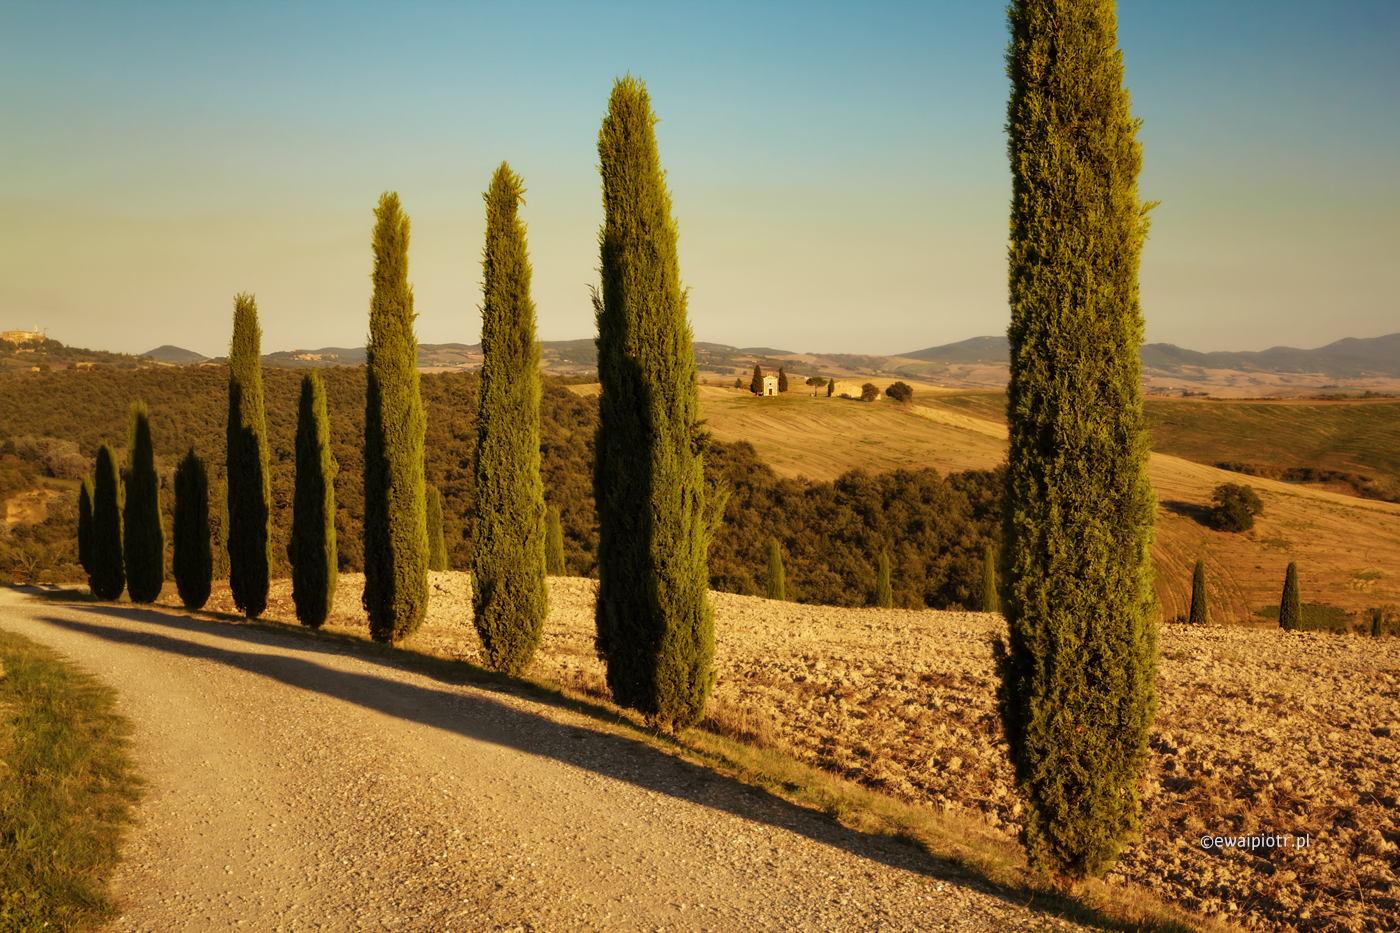 Aleja cyprysów, Toskania, jak działa kompresja perspektywy